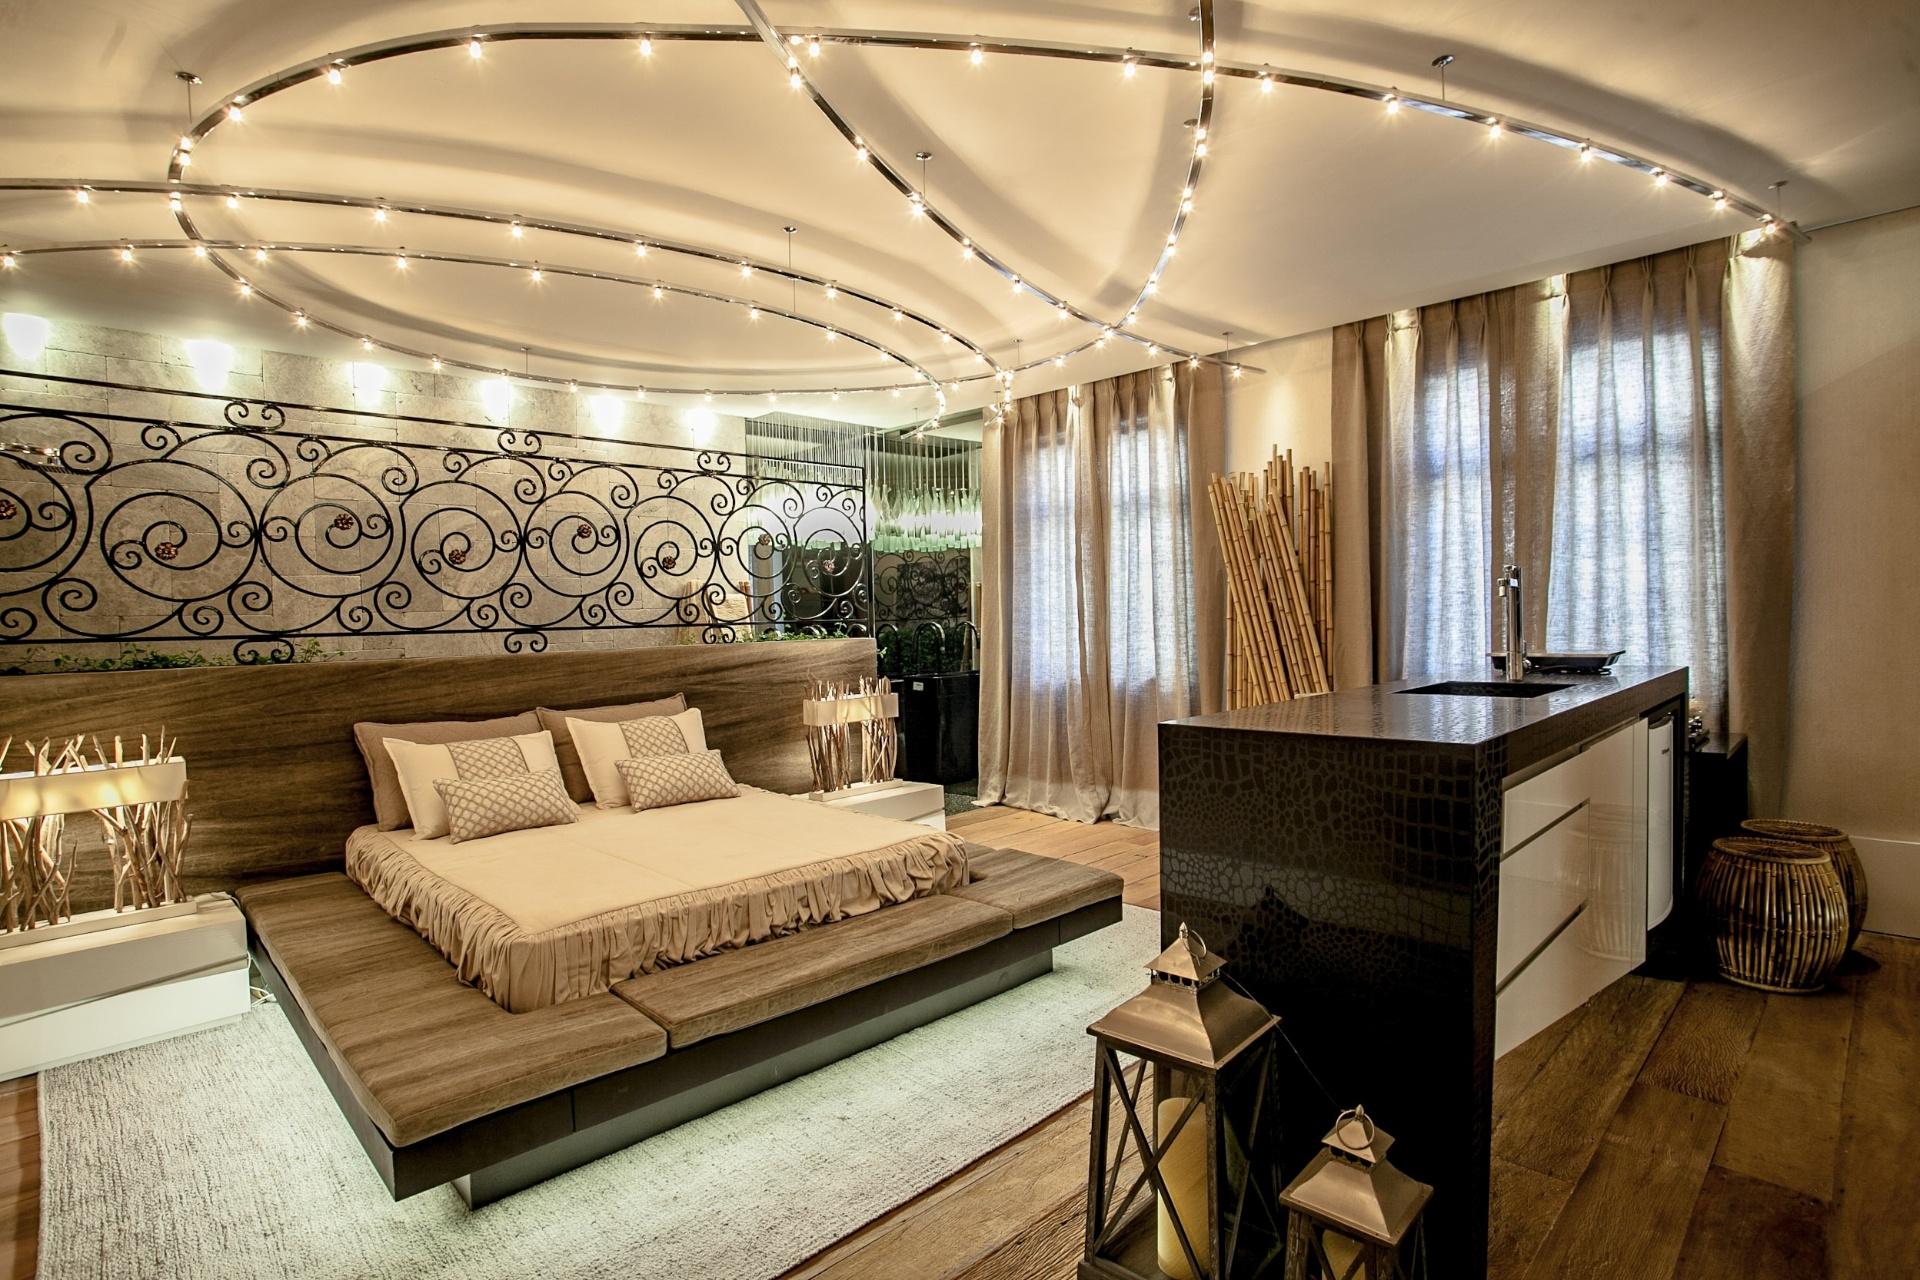 Nova Iorque e o estilista paranaense Jefferson Kulig nortearam o desenvolvimento do projeto Suíte de Hóspede, assinado pela arquiteta Renata Pisani, para a 19ª Casa Cor PR